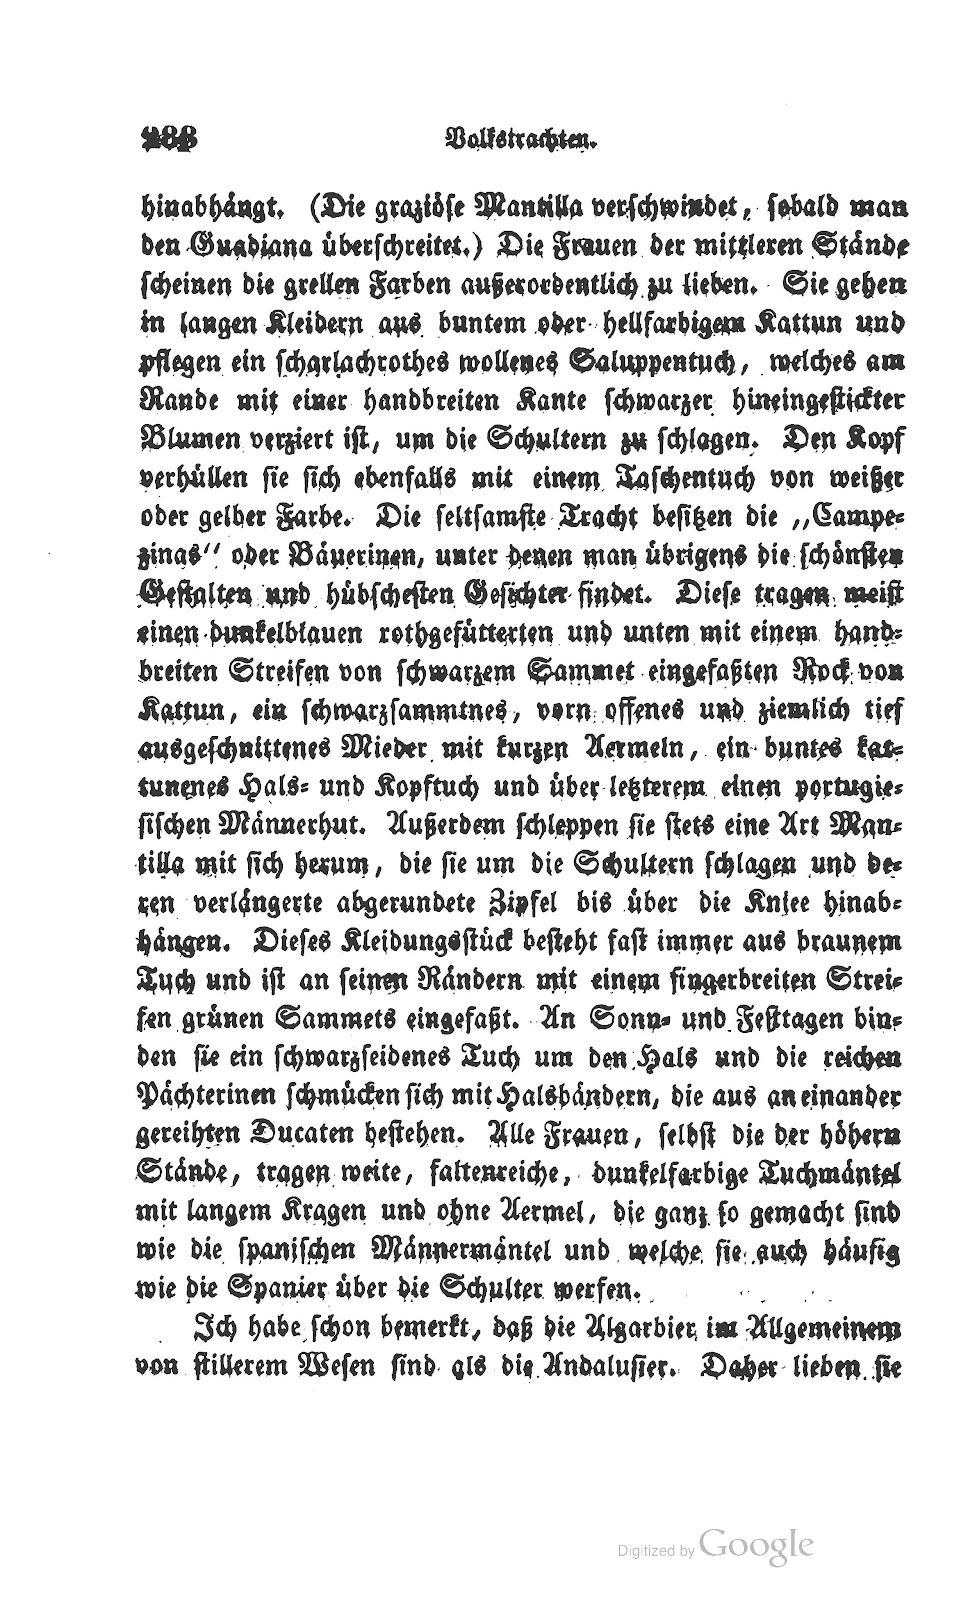 WIllkomm - 10. Kapitel Pages from Zwei_Jahre_in_Spanien_und_Portugal(3)_Page_30.jpg